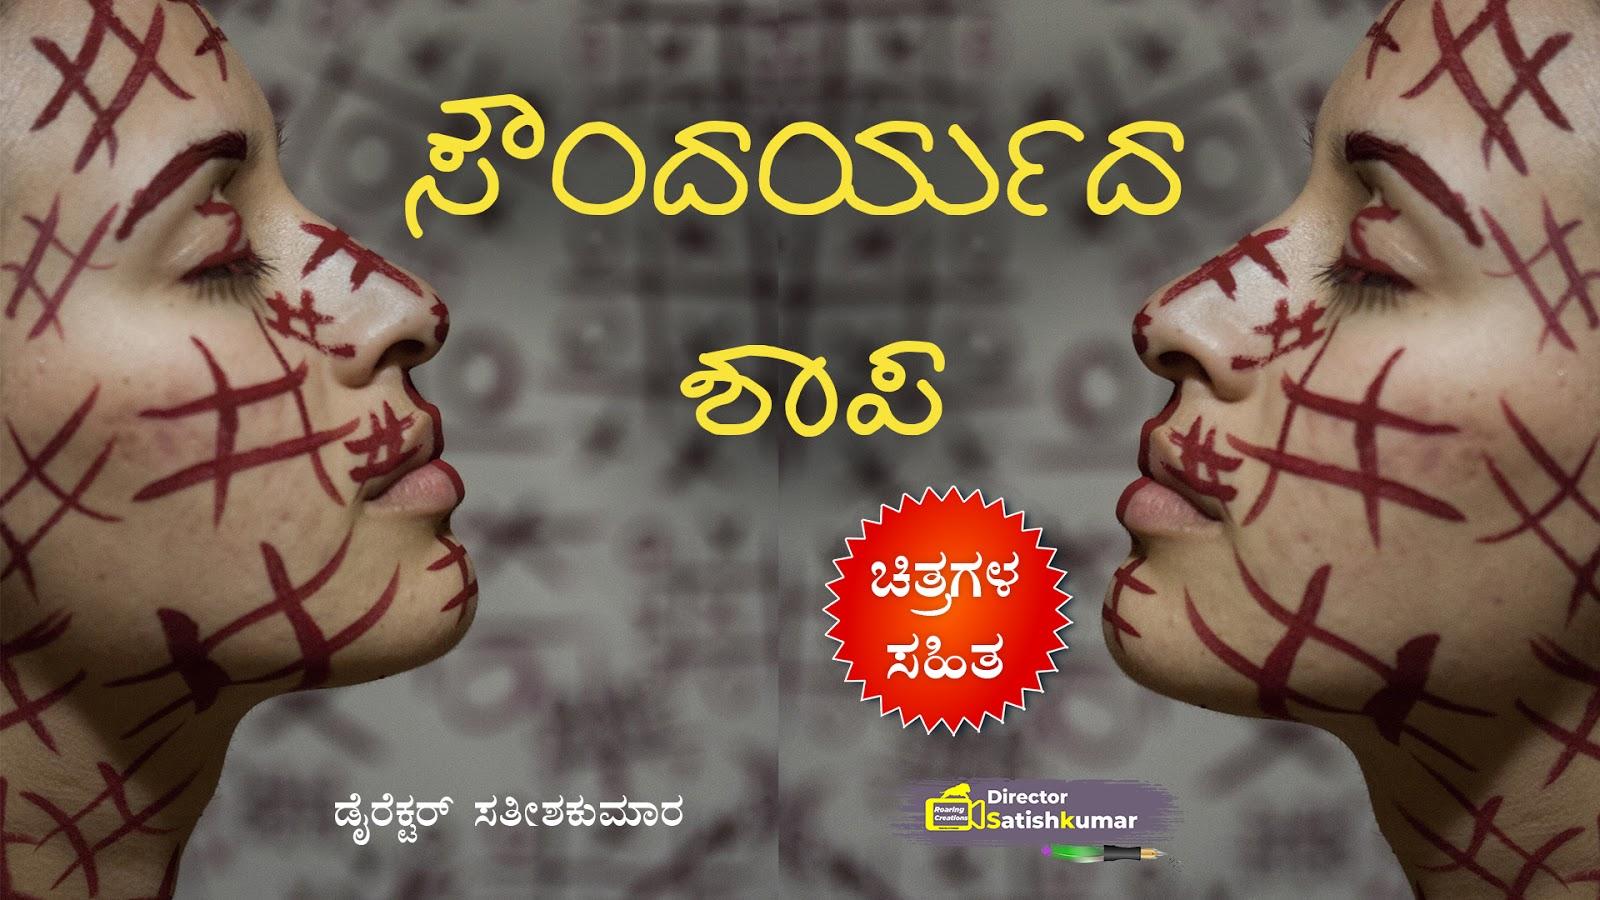 ಸೌಂದರ್ಯದ ಶಾಪ : ಒಂದು ಸಣ್ಣ ಕಥೆ - Curse of Beauty - Short Stories in Kannada - ಕನ್ನಡ ಕಥೆ ಪುಸ್ತಕಗಳು - Kannada Story Books -  E Books Kannada - Kannada Books